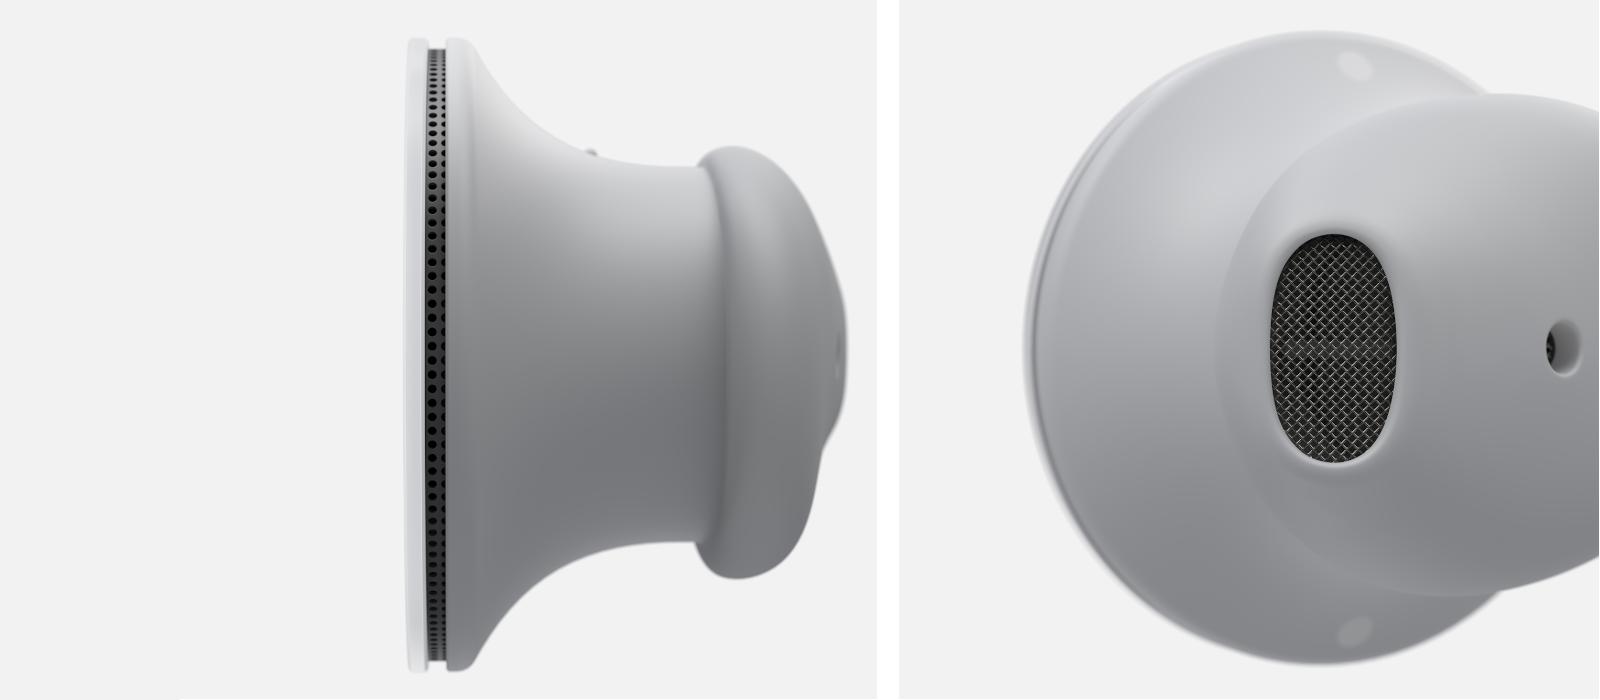 Die Surface Earbuds verbinden Design und Komfort